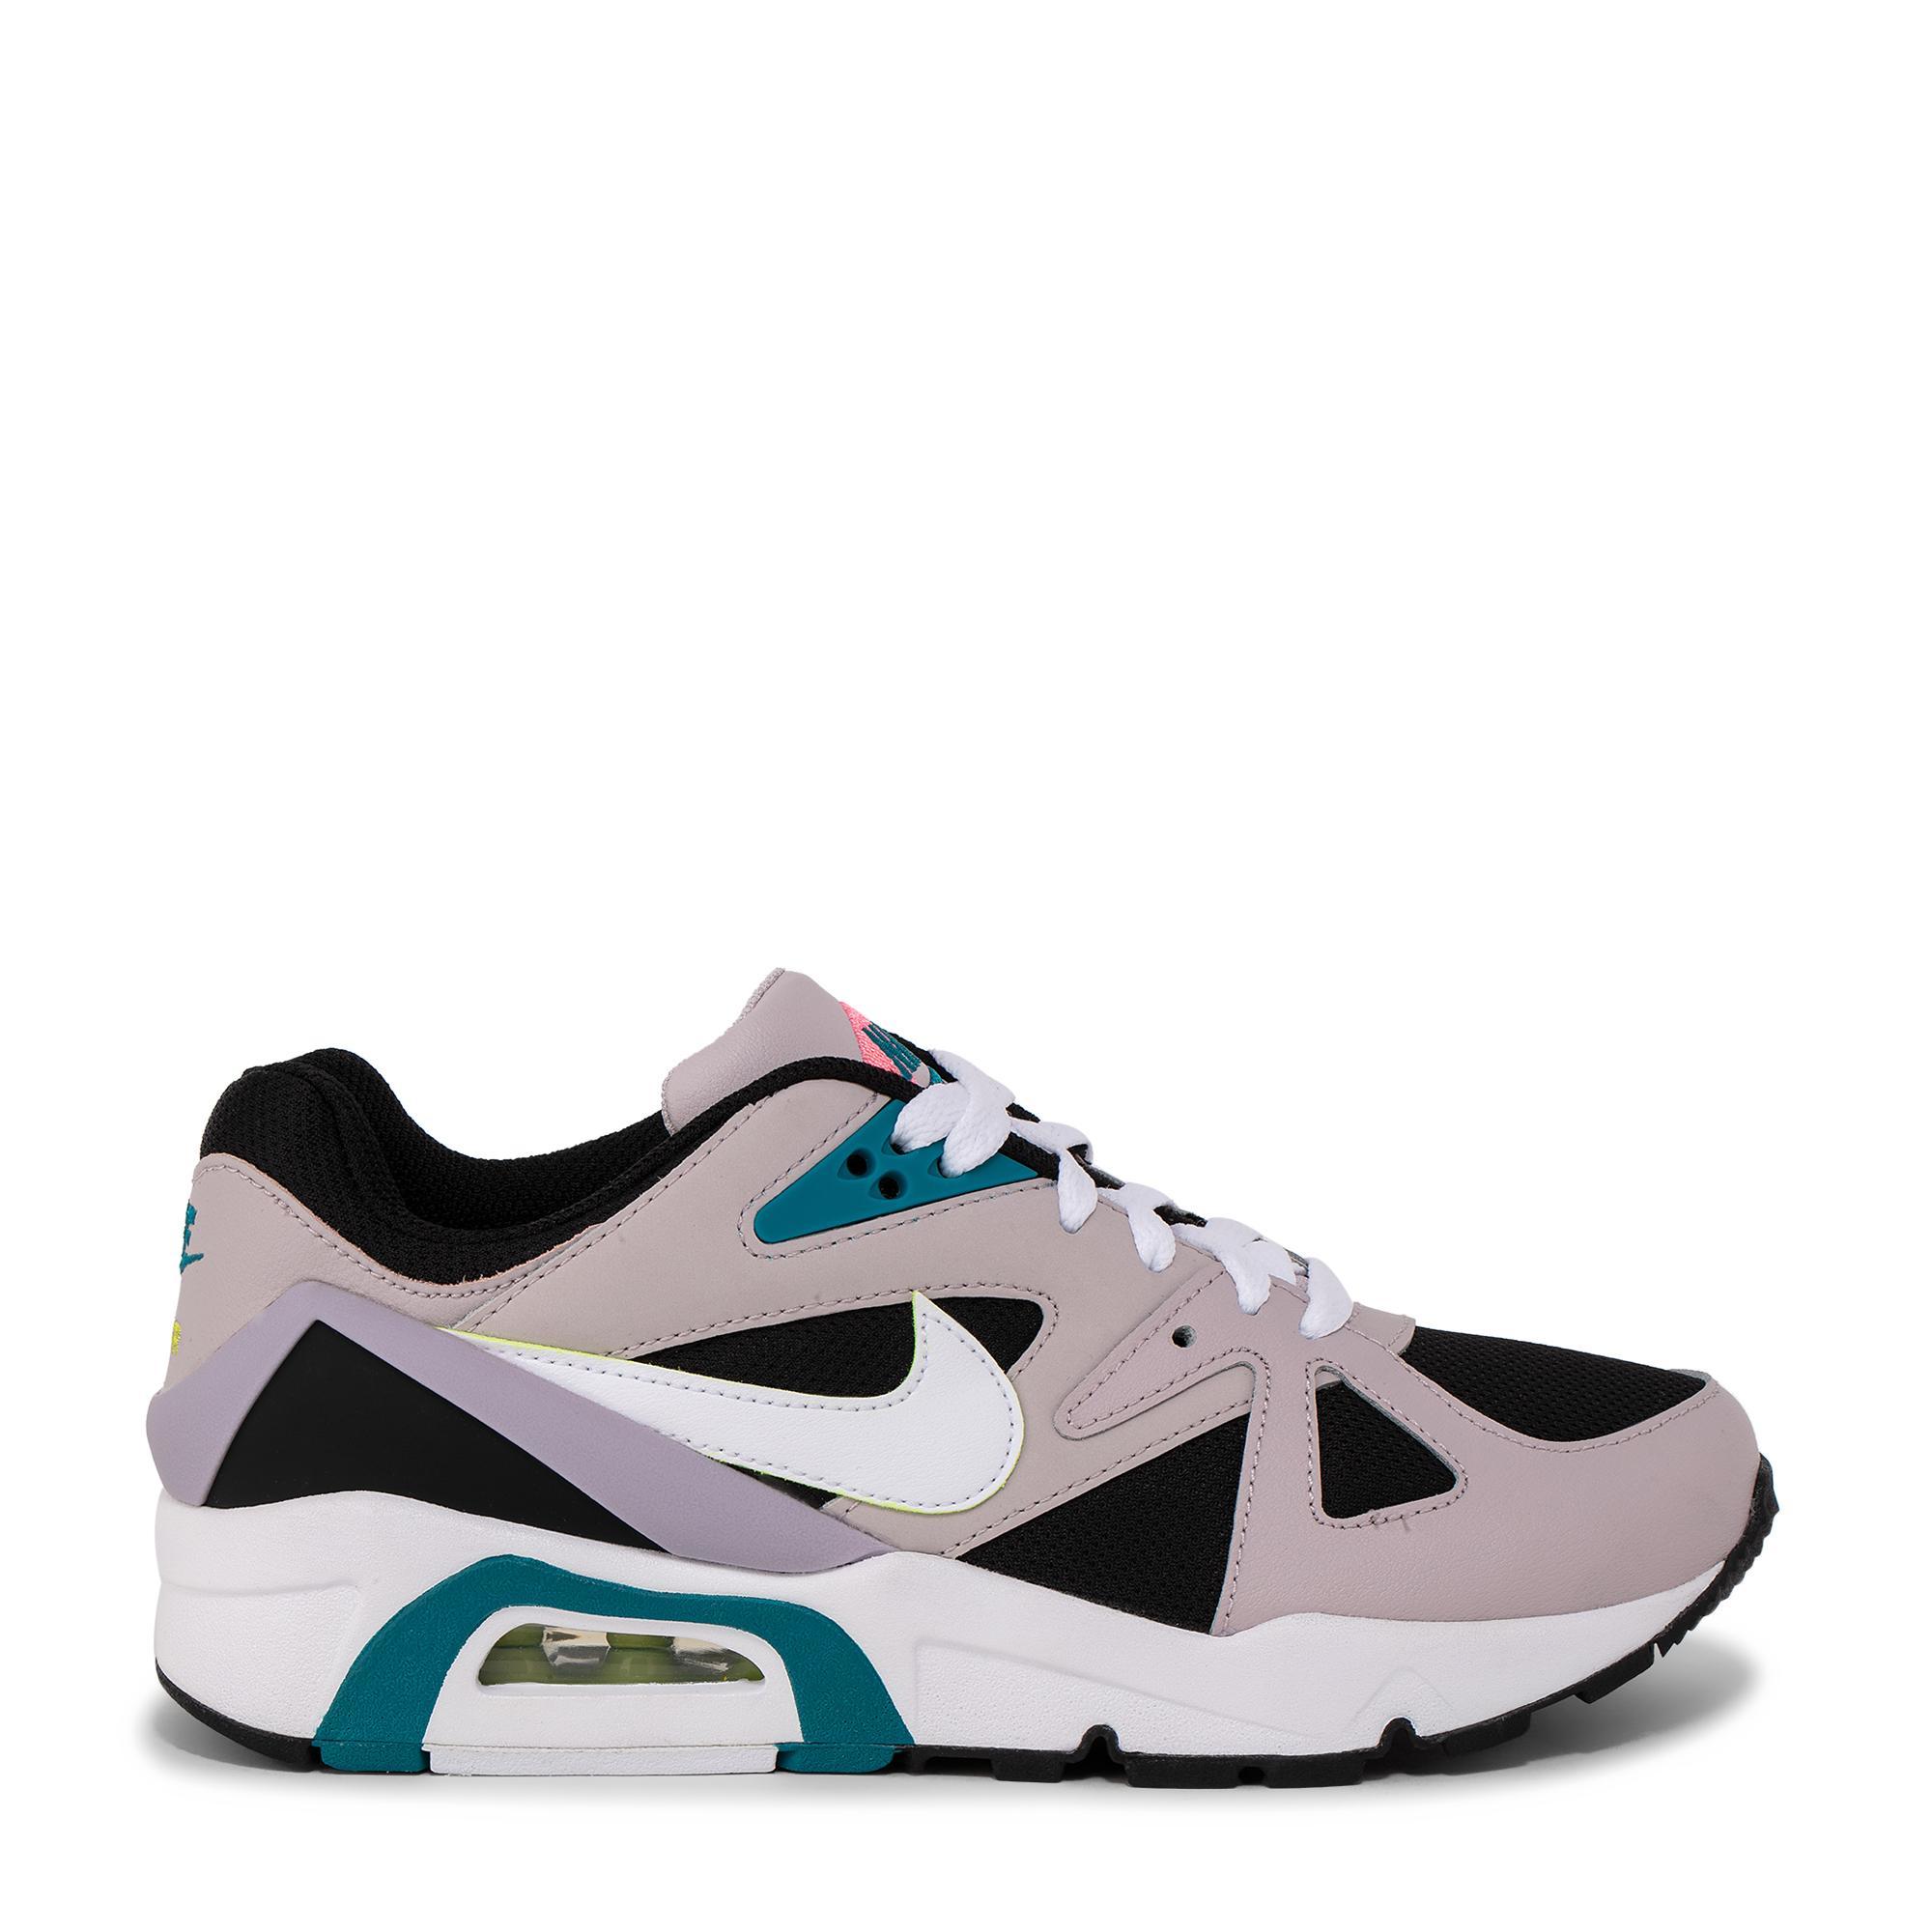 حذاء إير ستراكتشر ترياكس 91 الرياضي